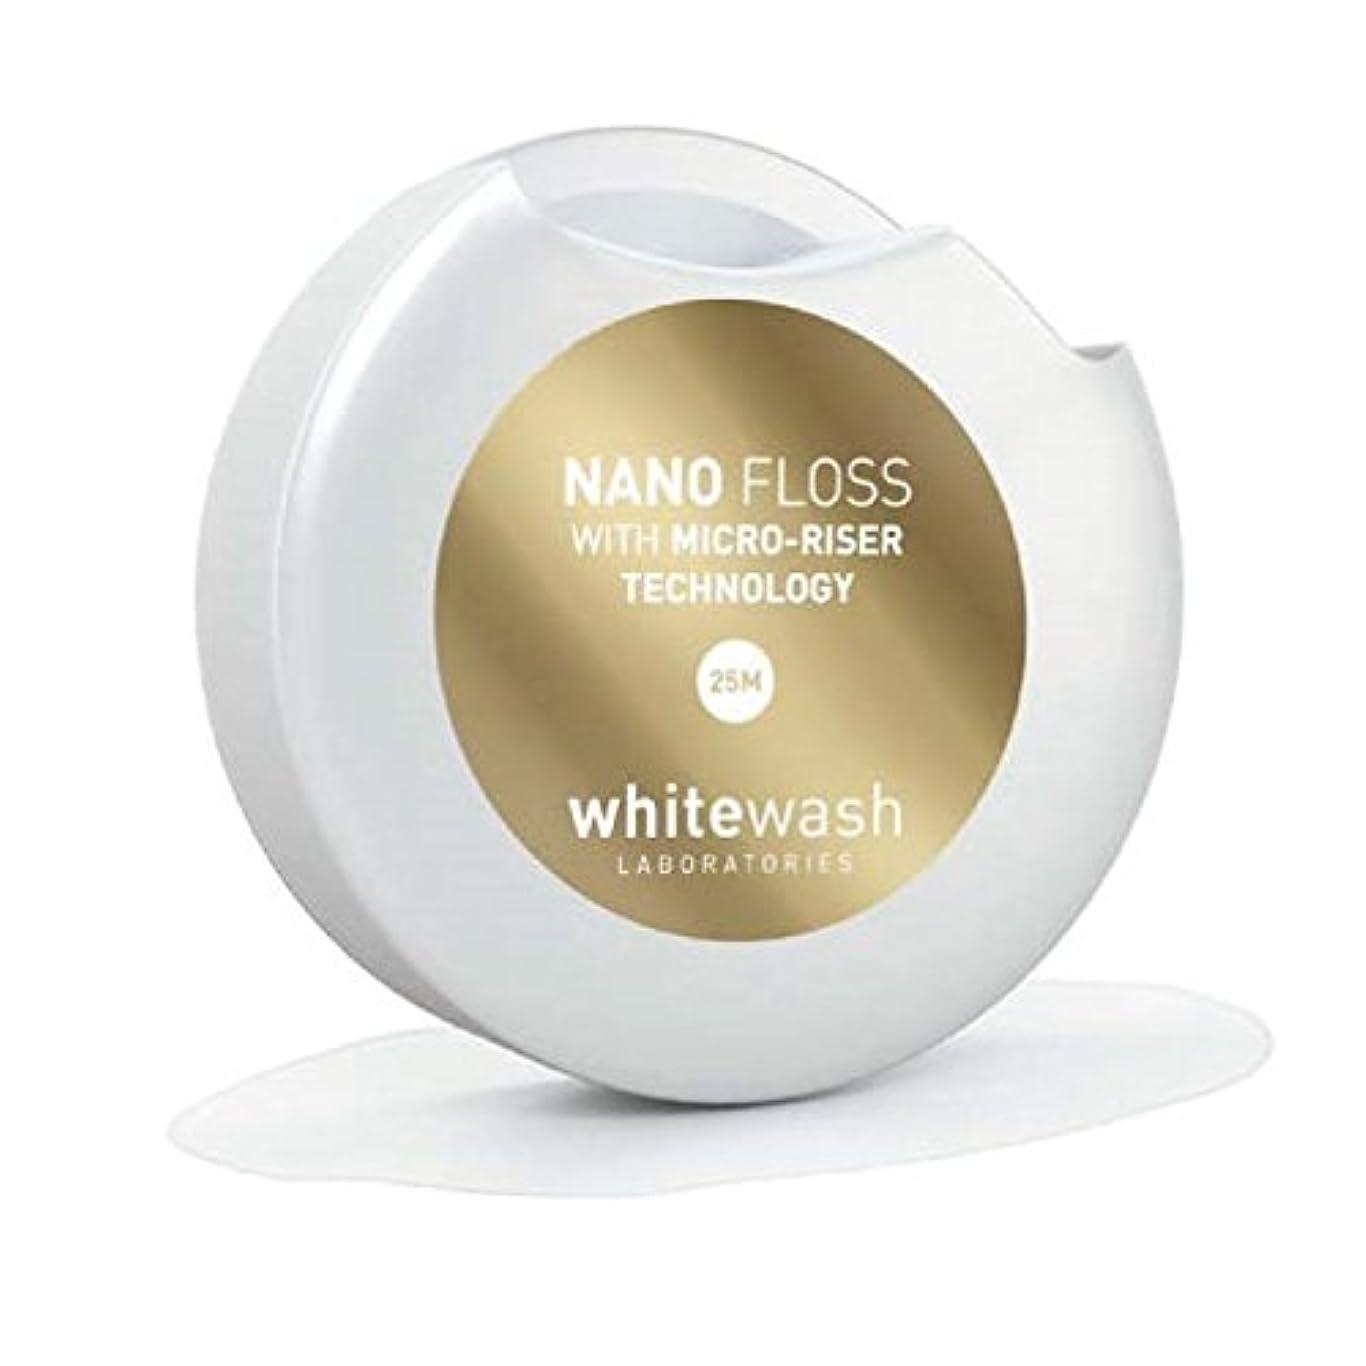 ホワイトウォッシュ ラボラトリーズ | 高級 高品質 デンタル フロス | ナノ フロス マイクロライザー テクノロジー | 25メートル